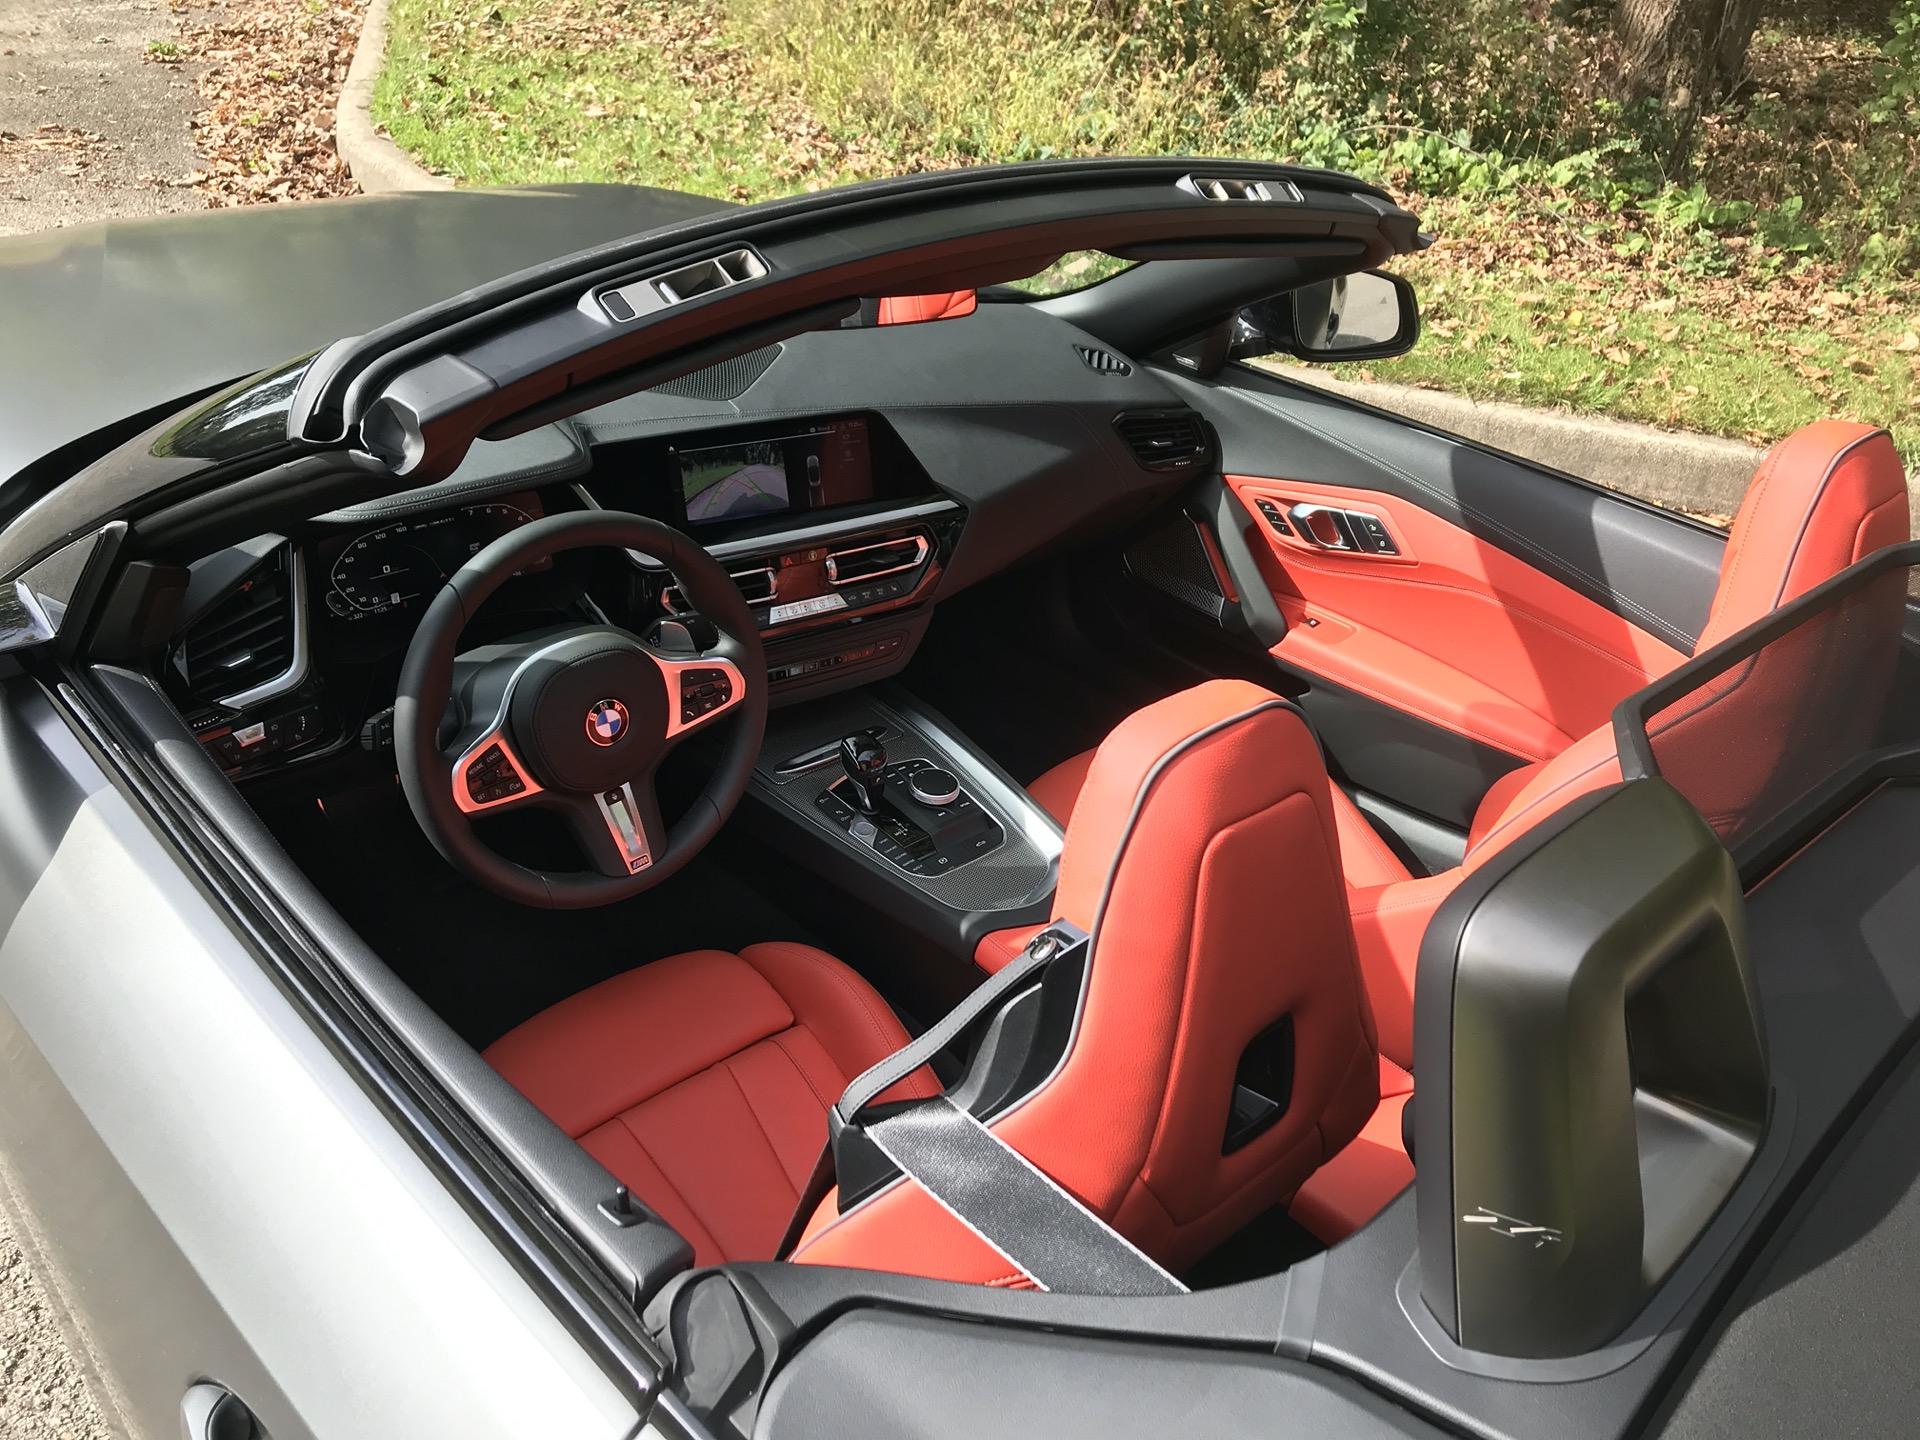 2020 BMW Z4 Configurations